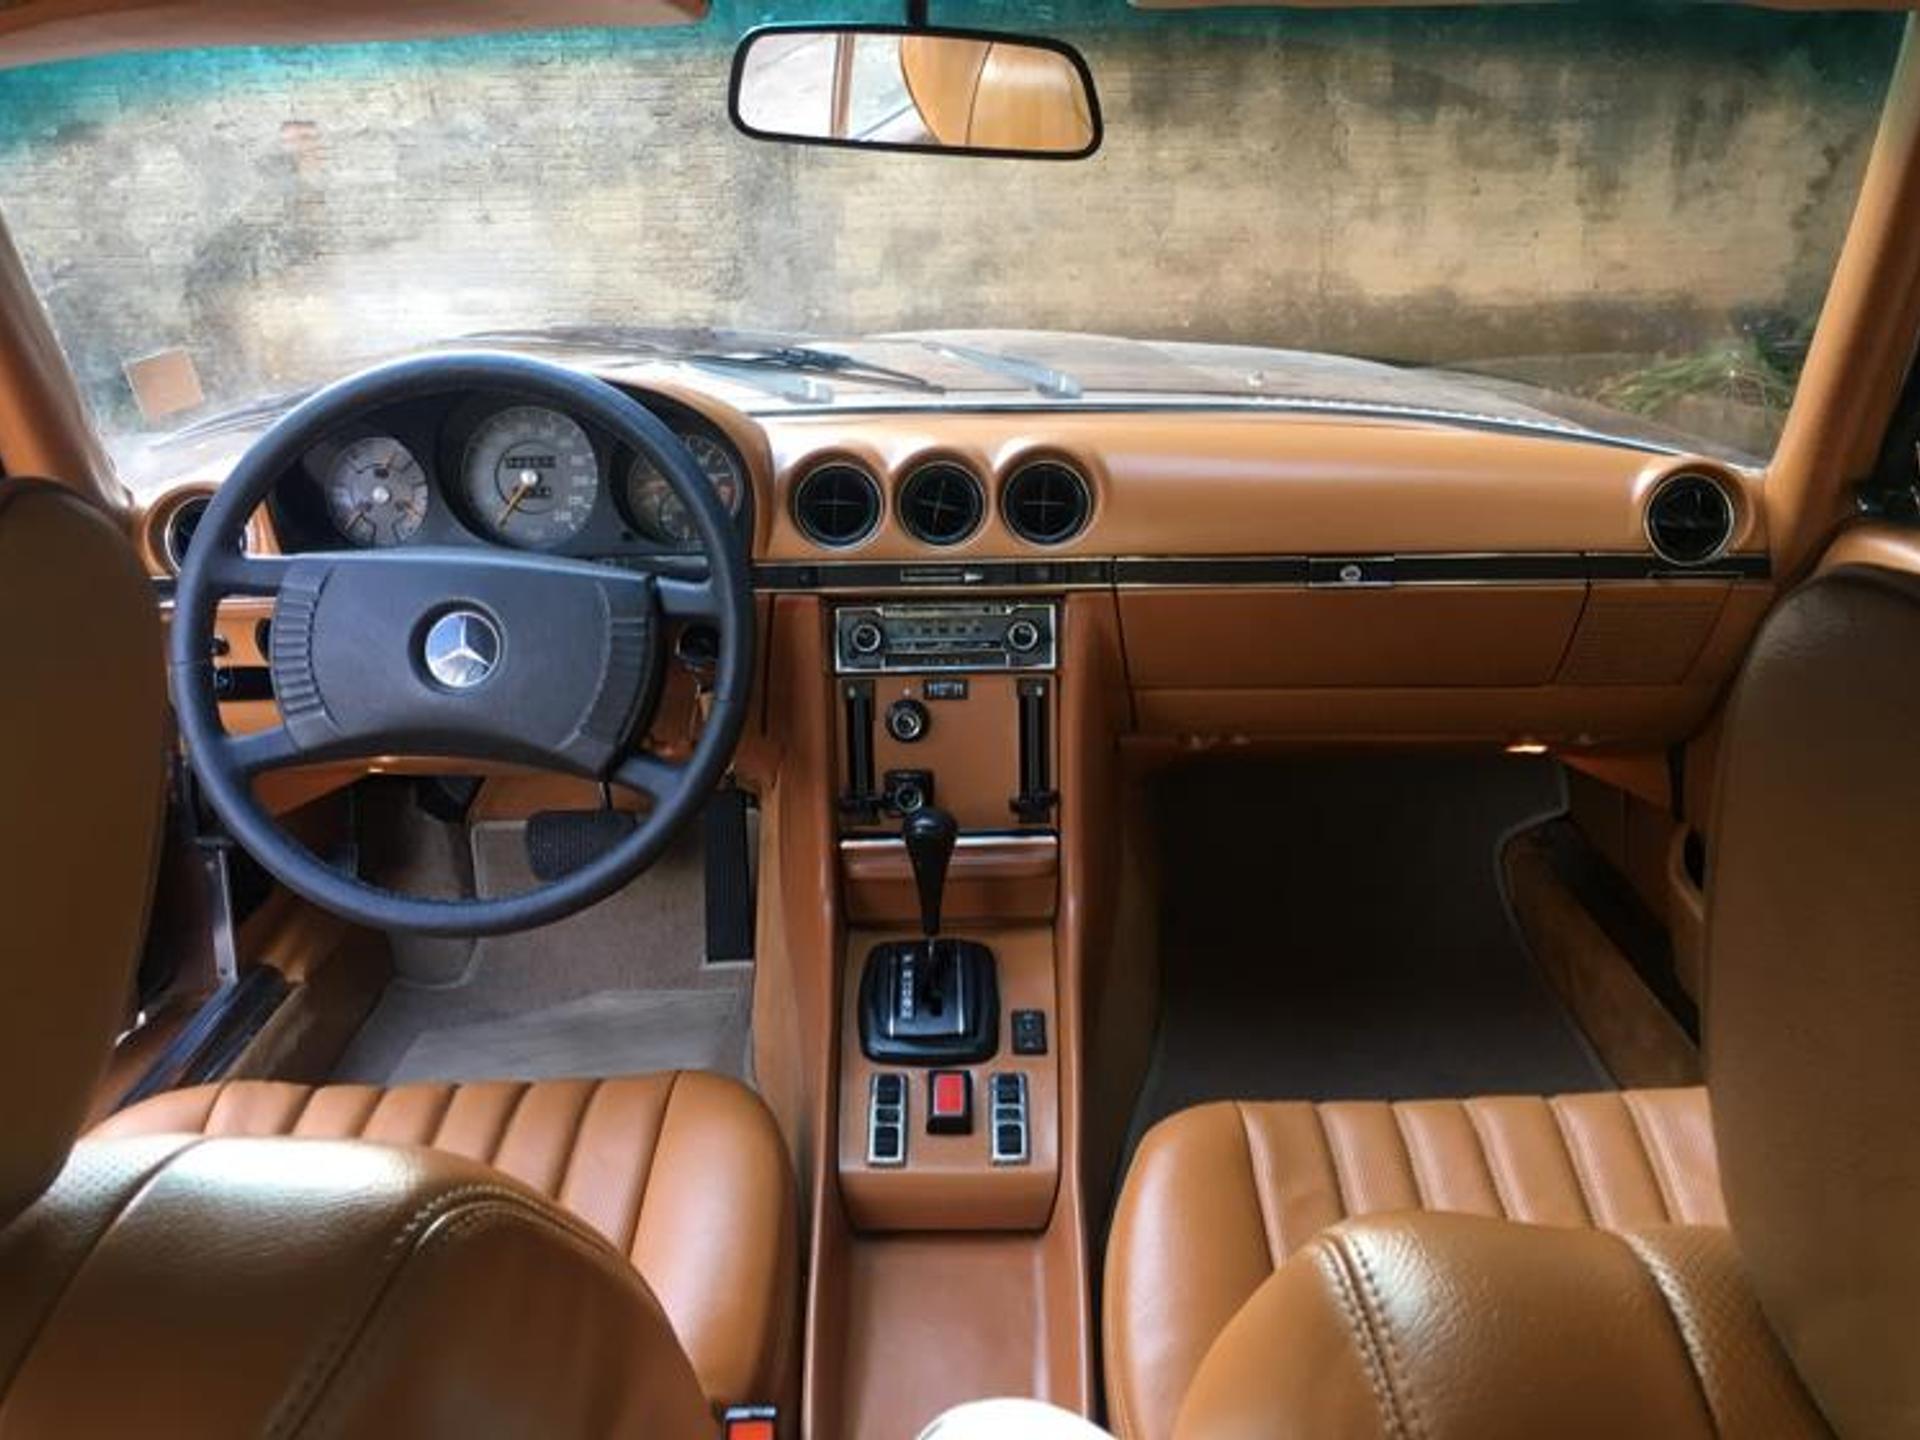 C107 SLC 280 1977 - R$ 100.000,00 Mercedesbenz-280-slc-2.8-i6-12v-gasolina-2p-automatico-wmimagem11111916371